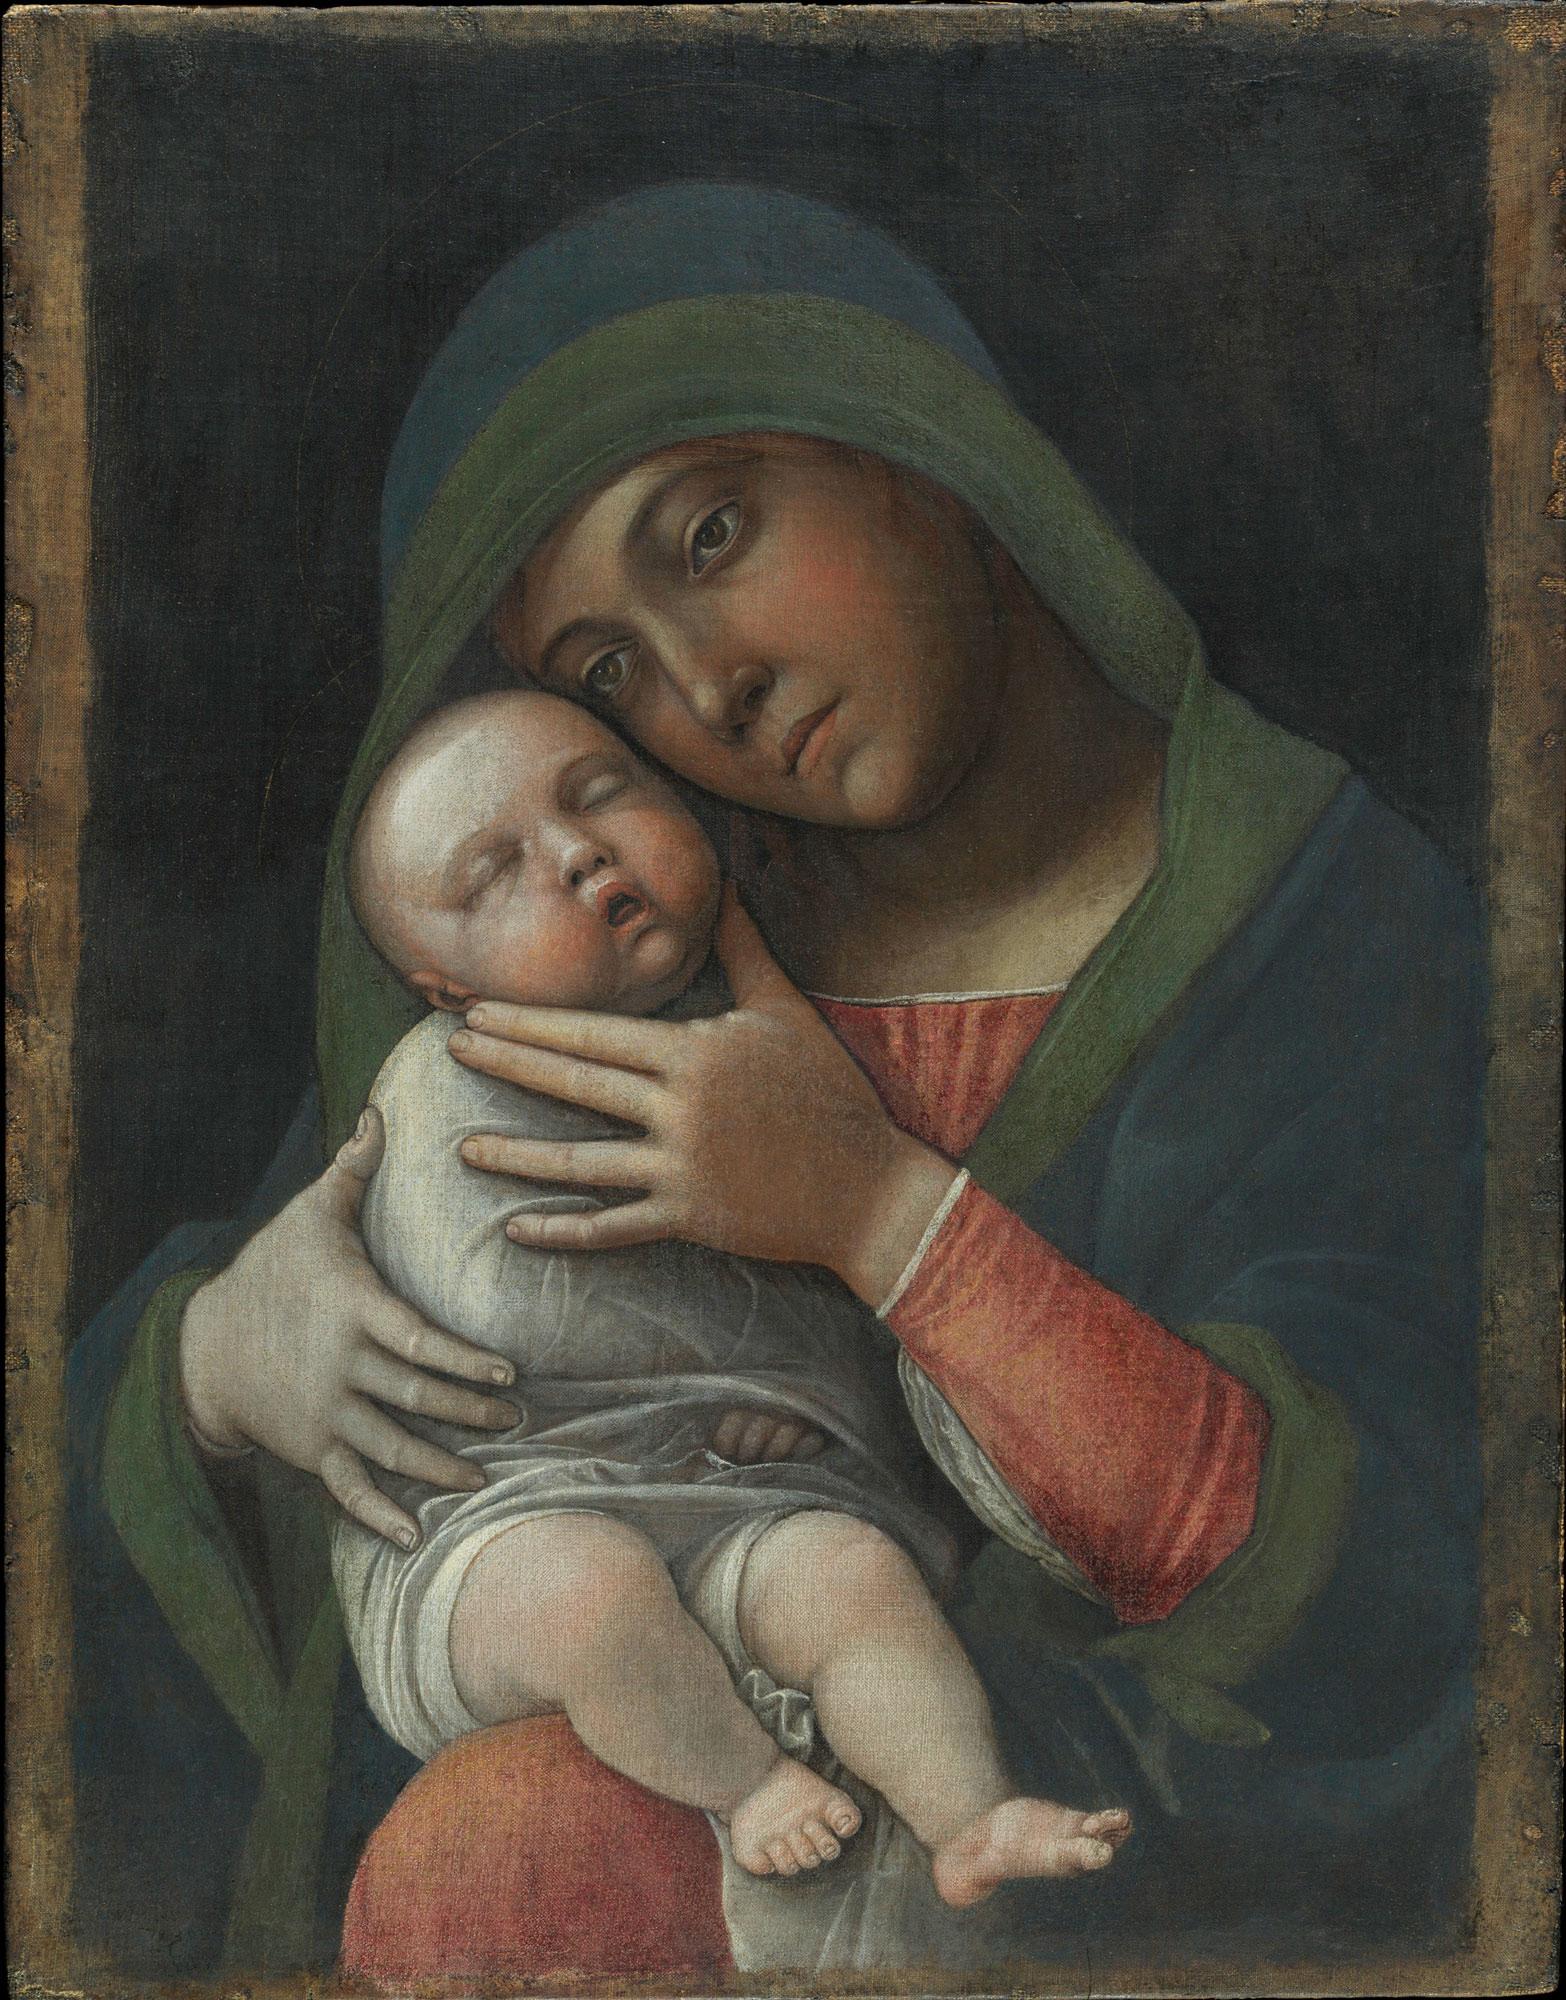 Andrea Mantegna, Madonna col Bambino (1490-1499; tempera magra su tela, 35,5 x 45,5 cm; Milano, Museo Poldi Pezzoli). Dopo il restauro